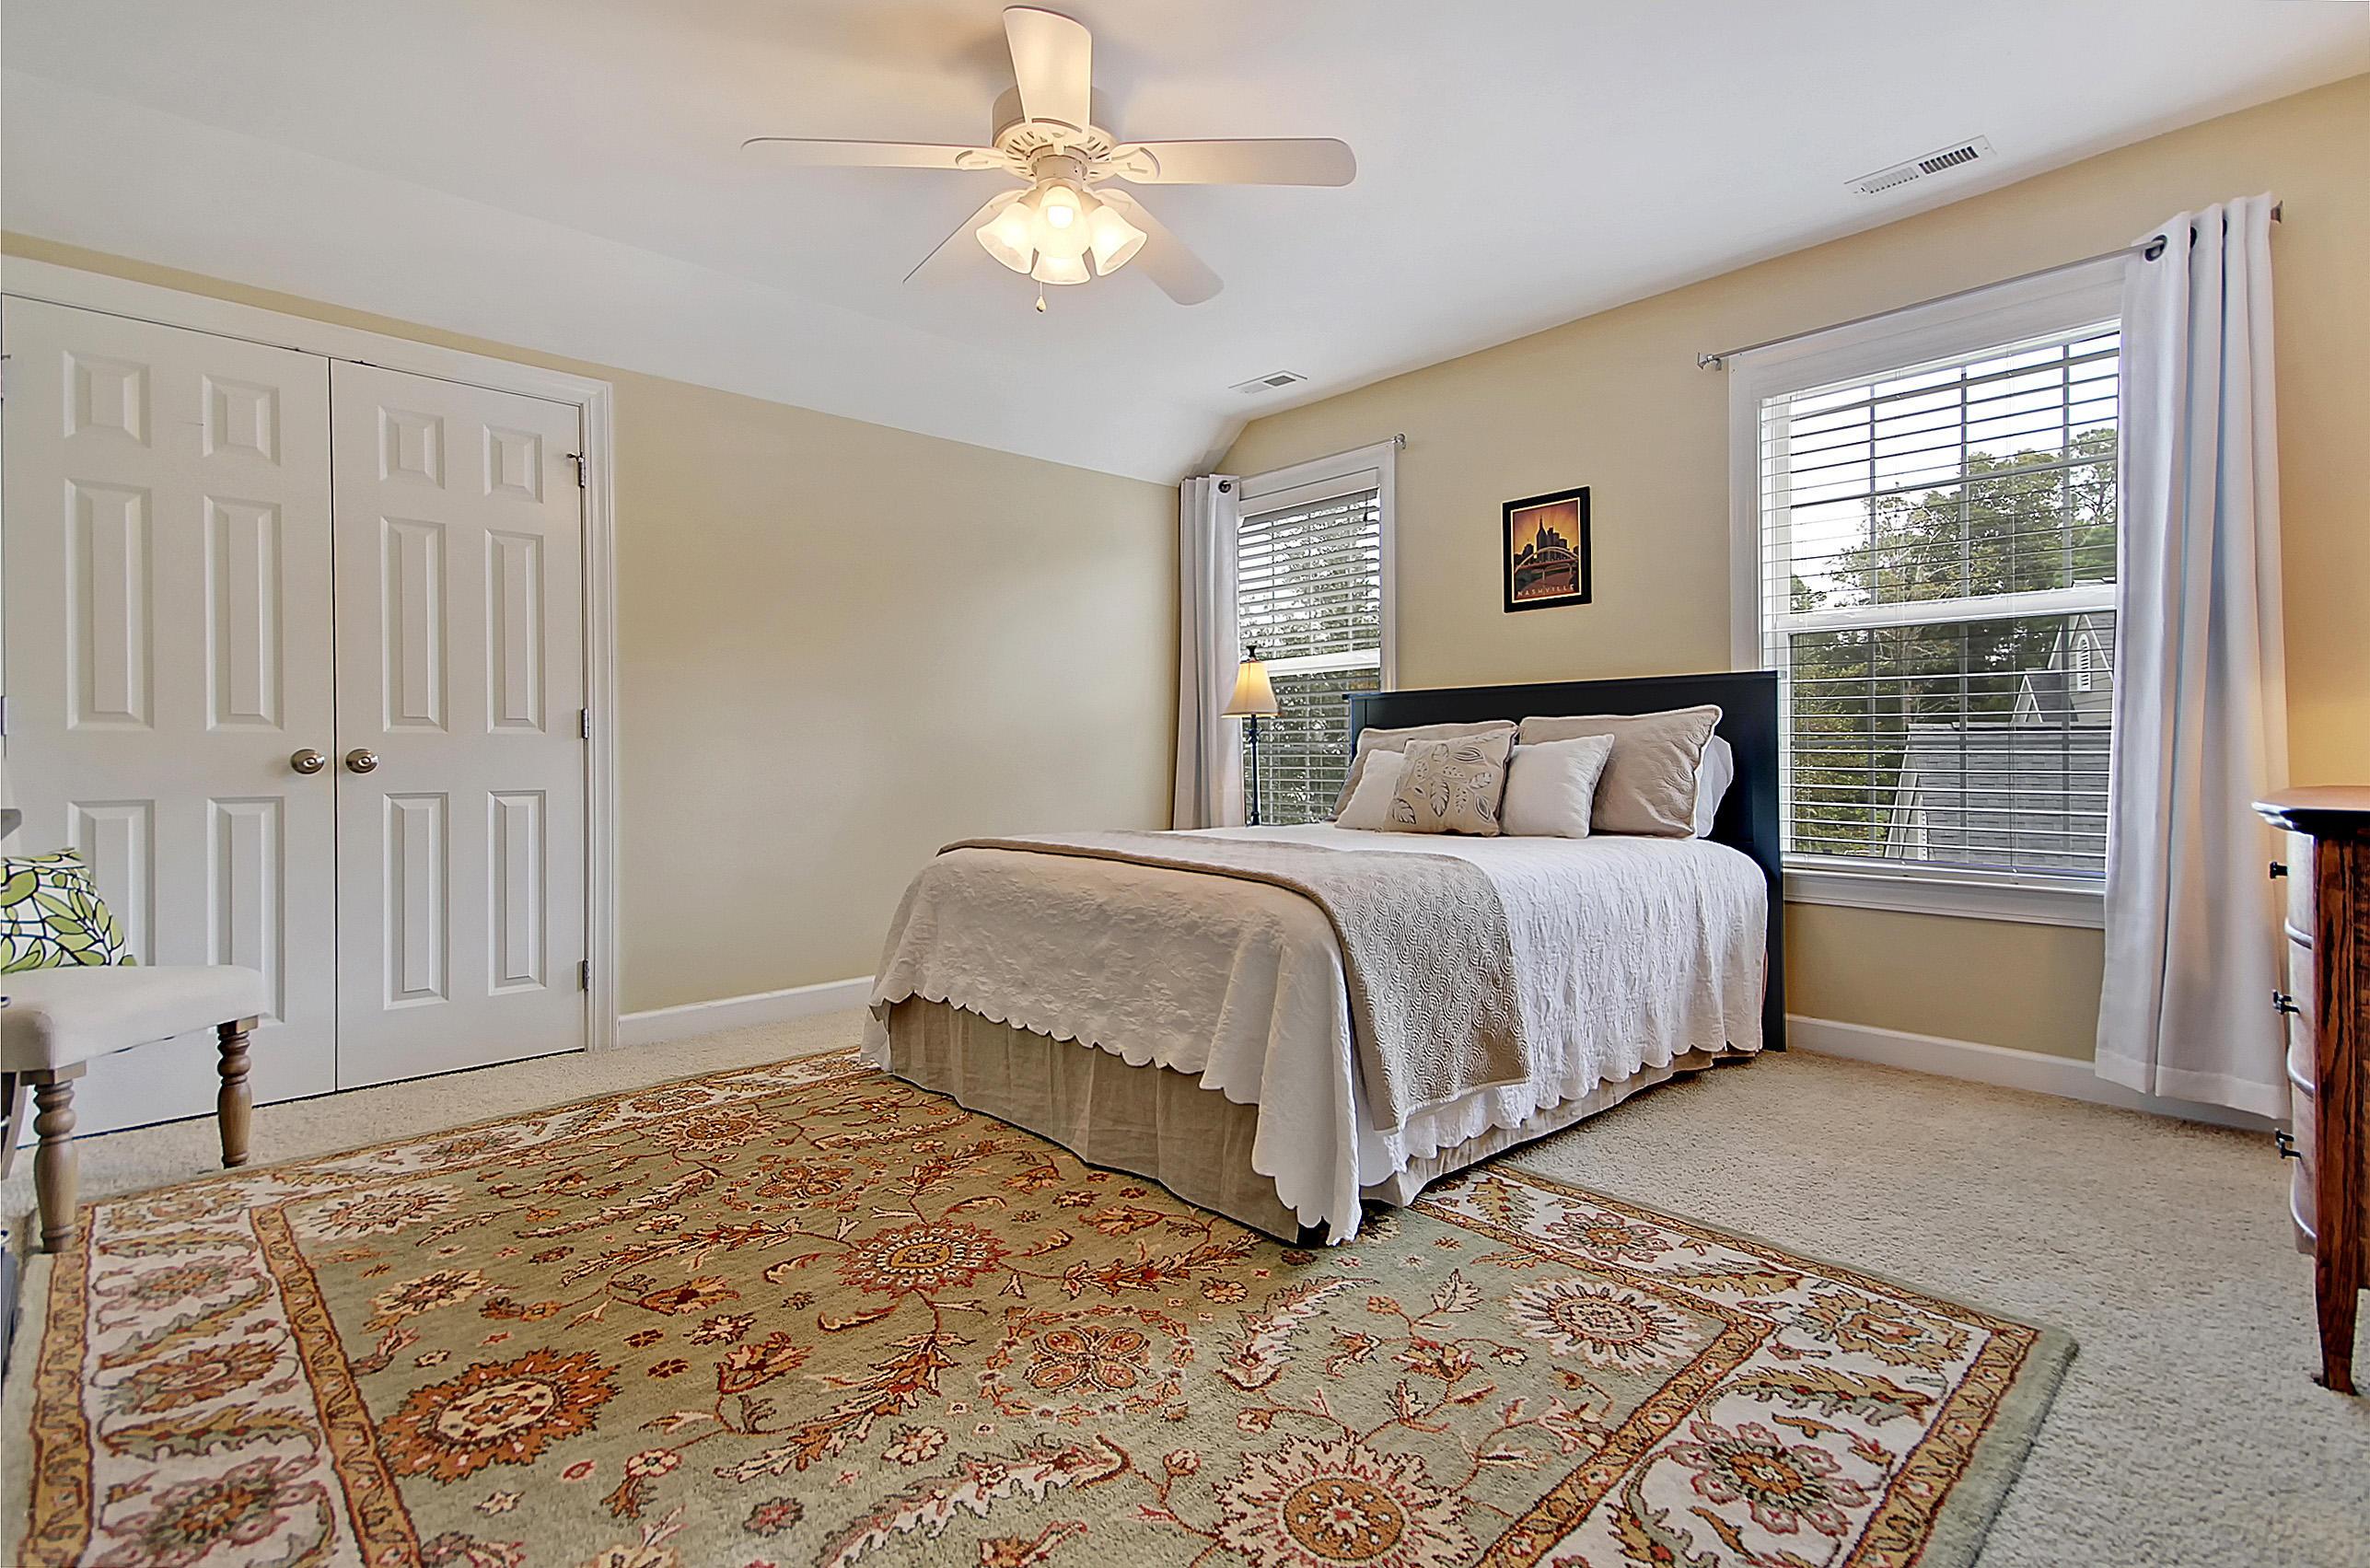 Dunes West Homes For Sale - 3056 Riverwood, Mount Pleasant, SC - 25